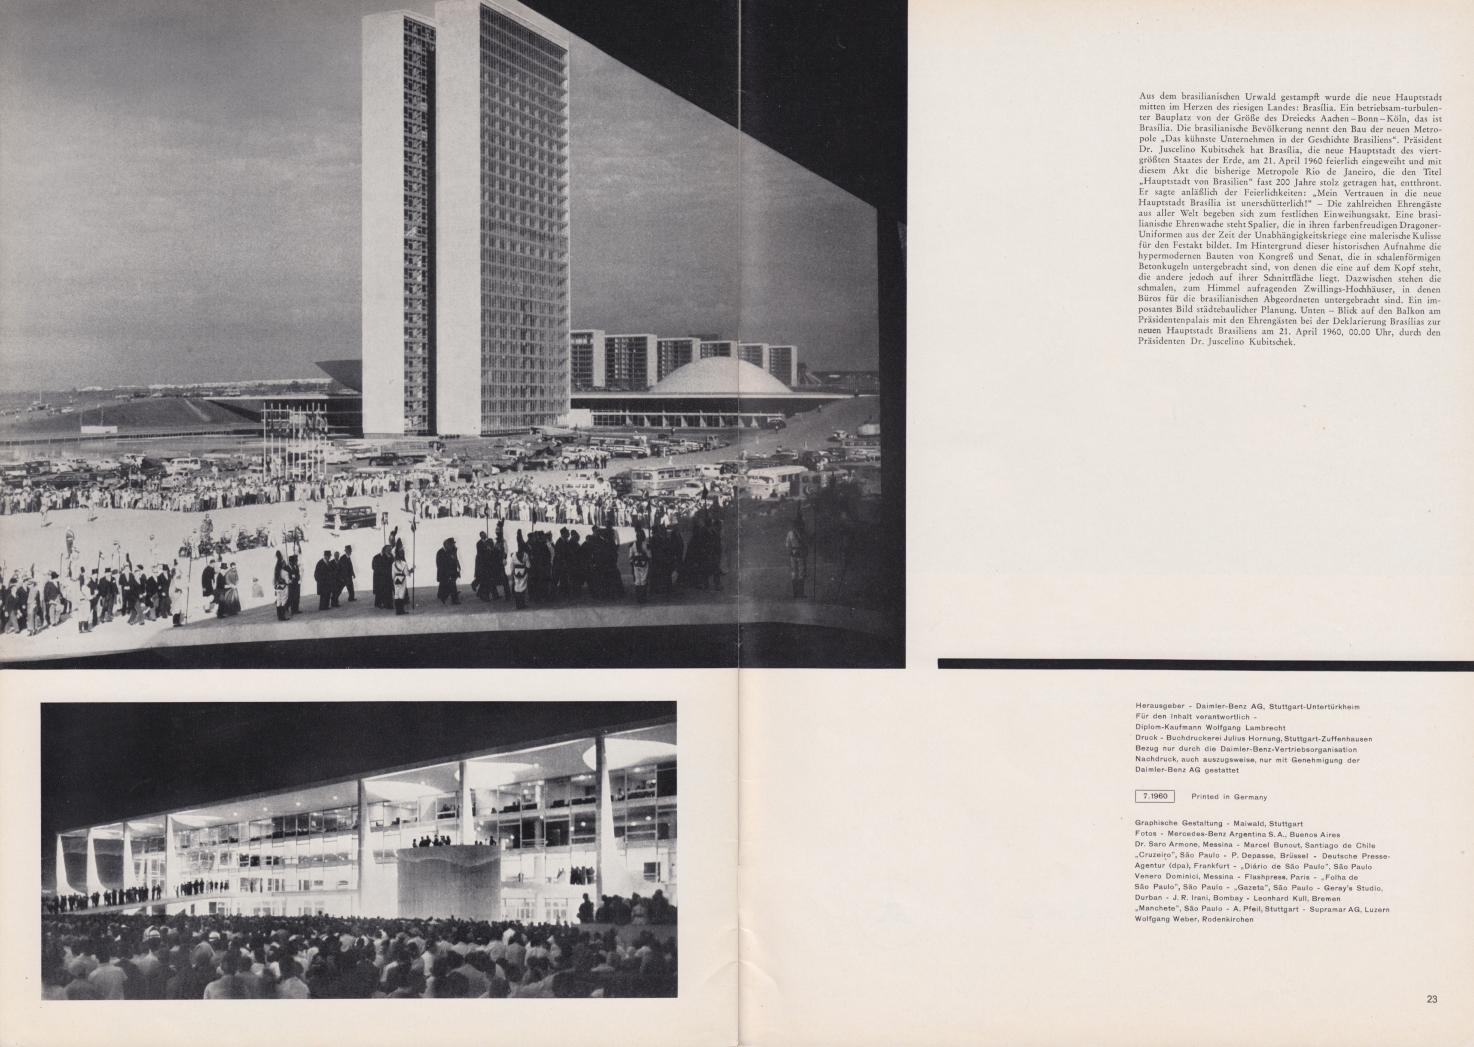 (REVISTA): Periódico In aller welt n.º 42 - Mercedes-Benz no mundo - 1960 - multilingue - com imagens do Brasil e construção de Brasília 014